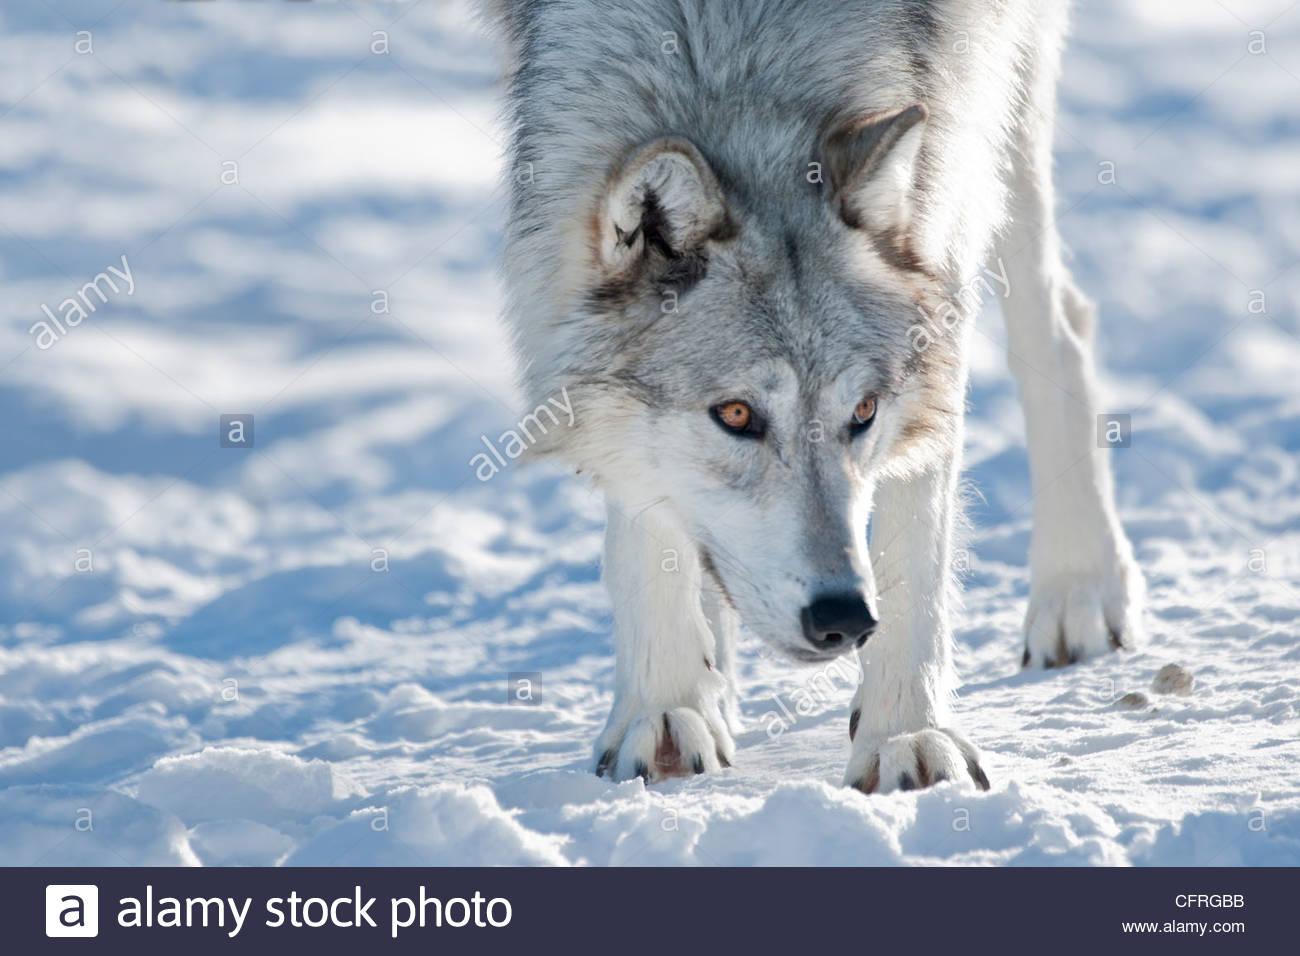 La tundra de Alaska el lobo (Canis lupus tundrarum), Montana, Estados Unidos de América, América del Norte Imagen De Stock